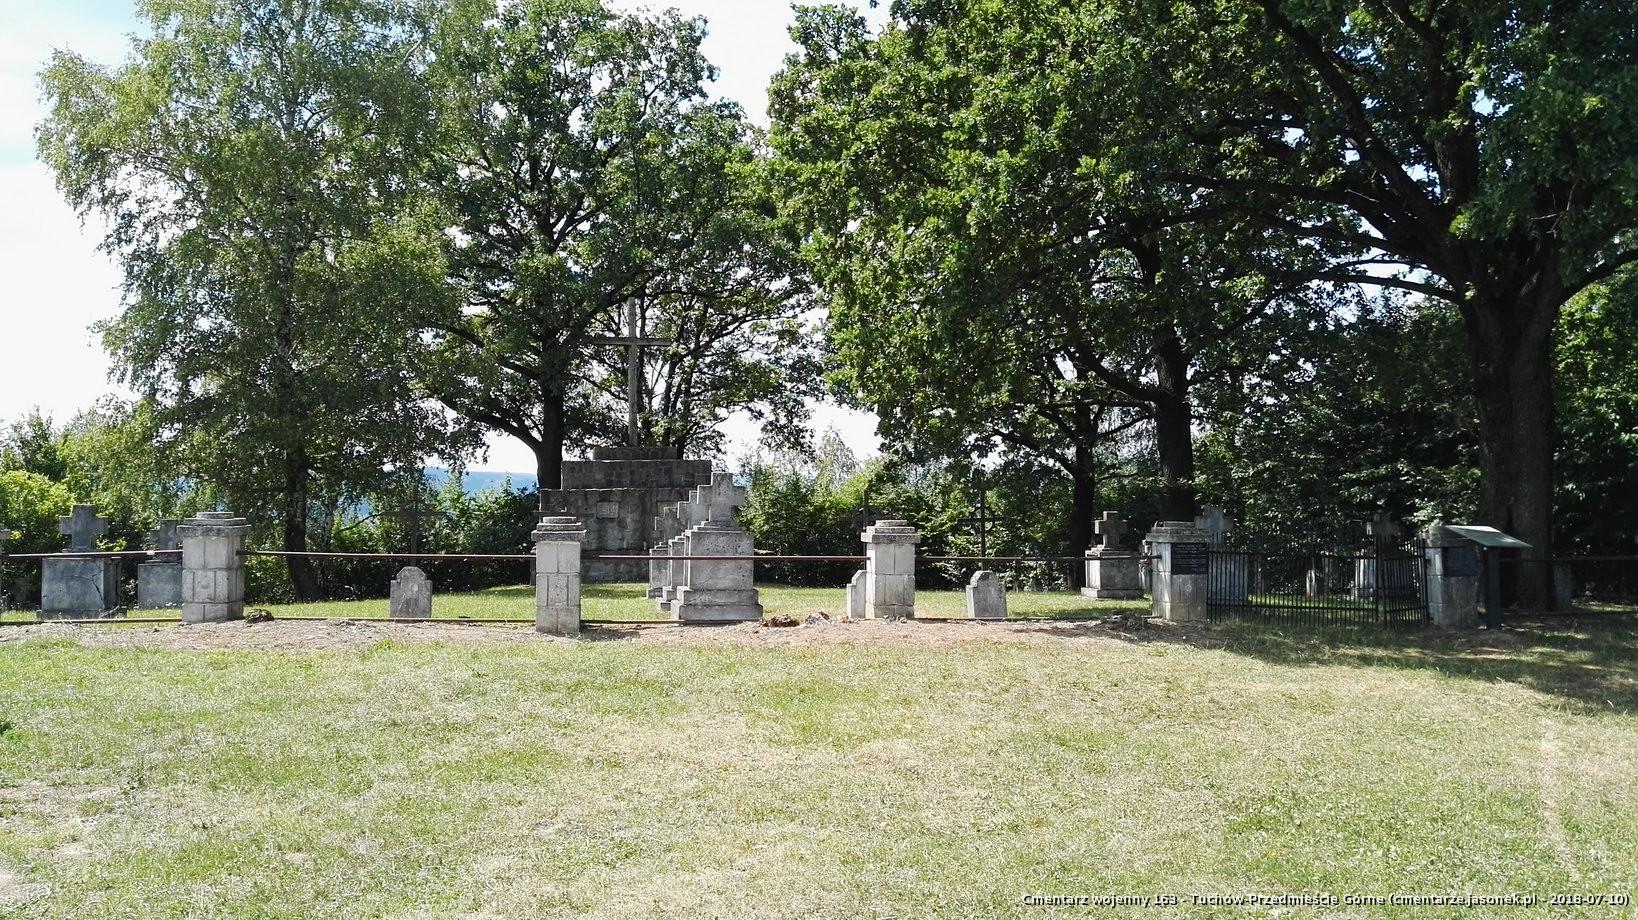 Cmentarz wojenny 163 - Tuchów-Przedmieście Górne